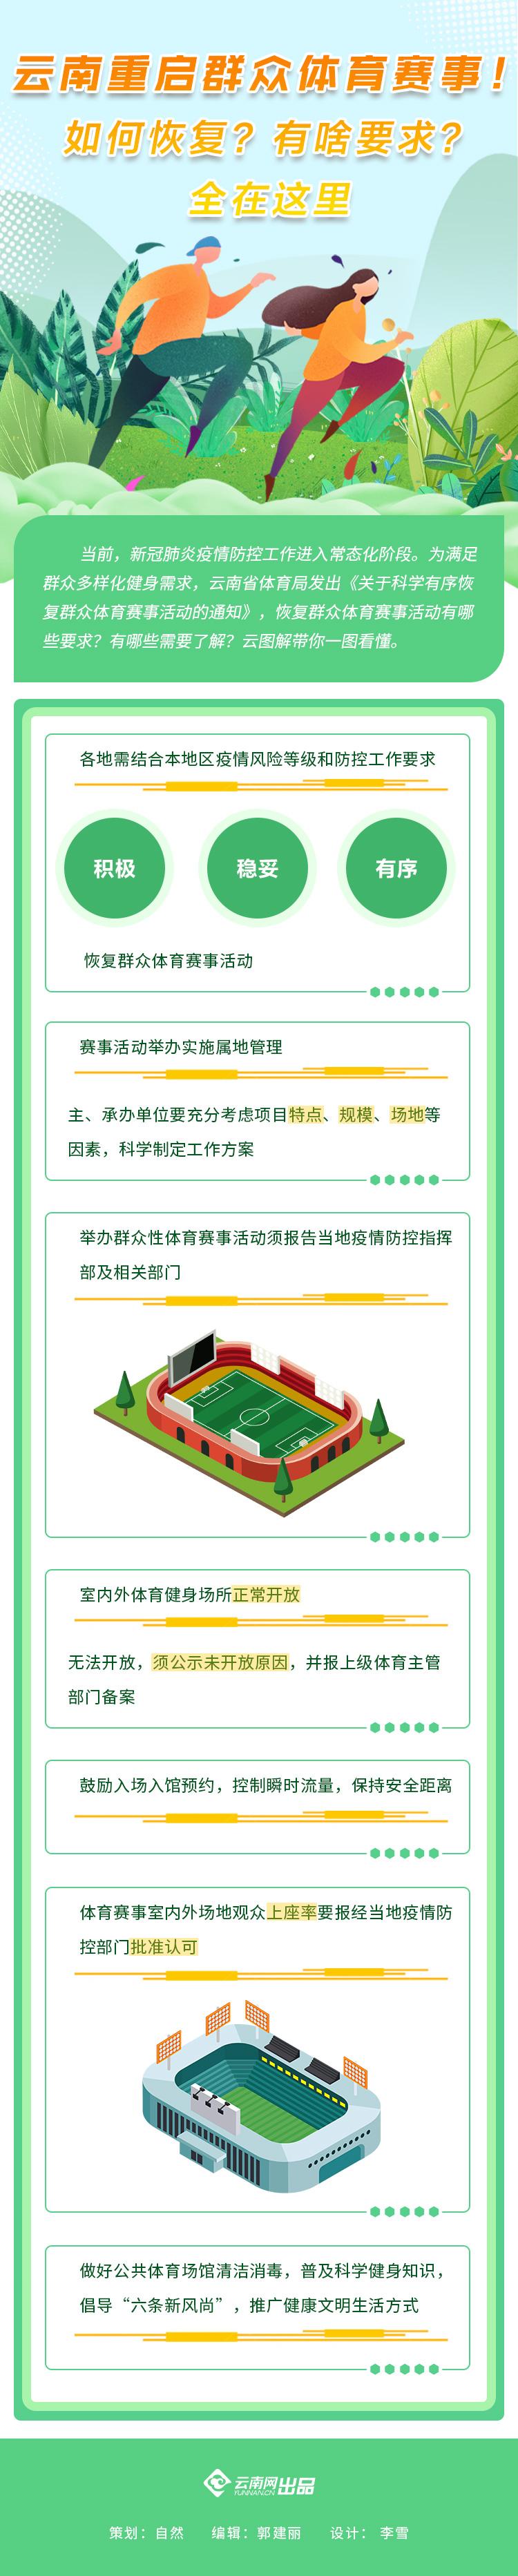 【云图解】云南重启群众体育赛事